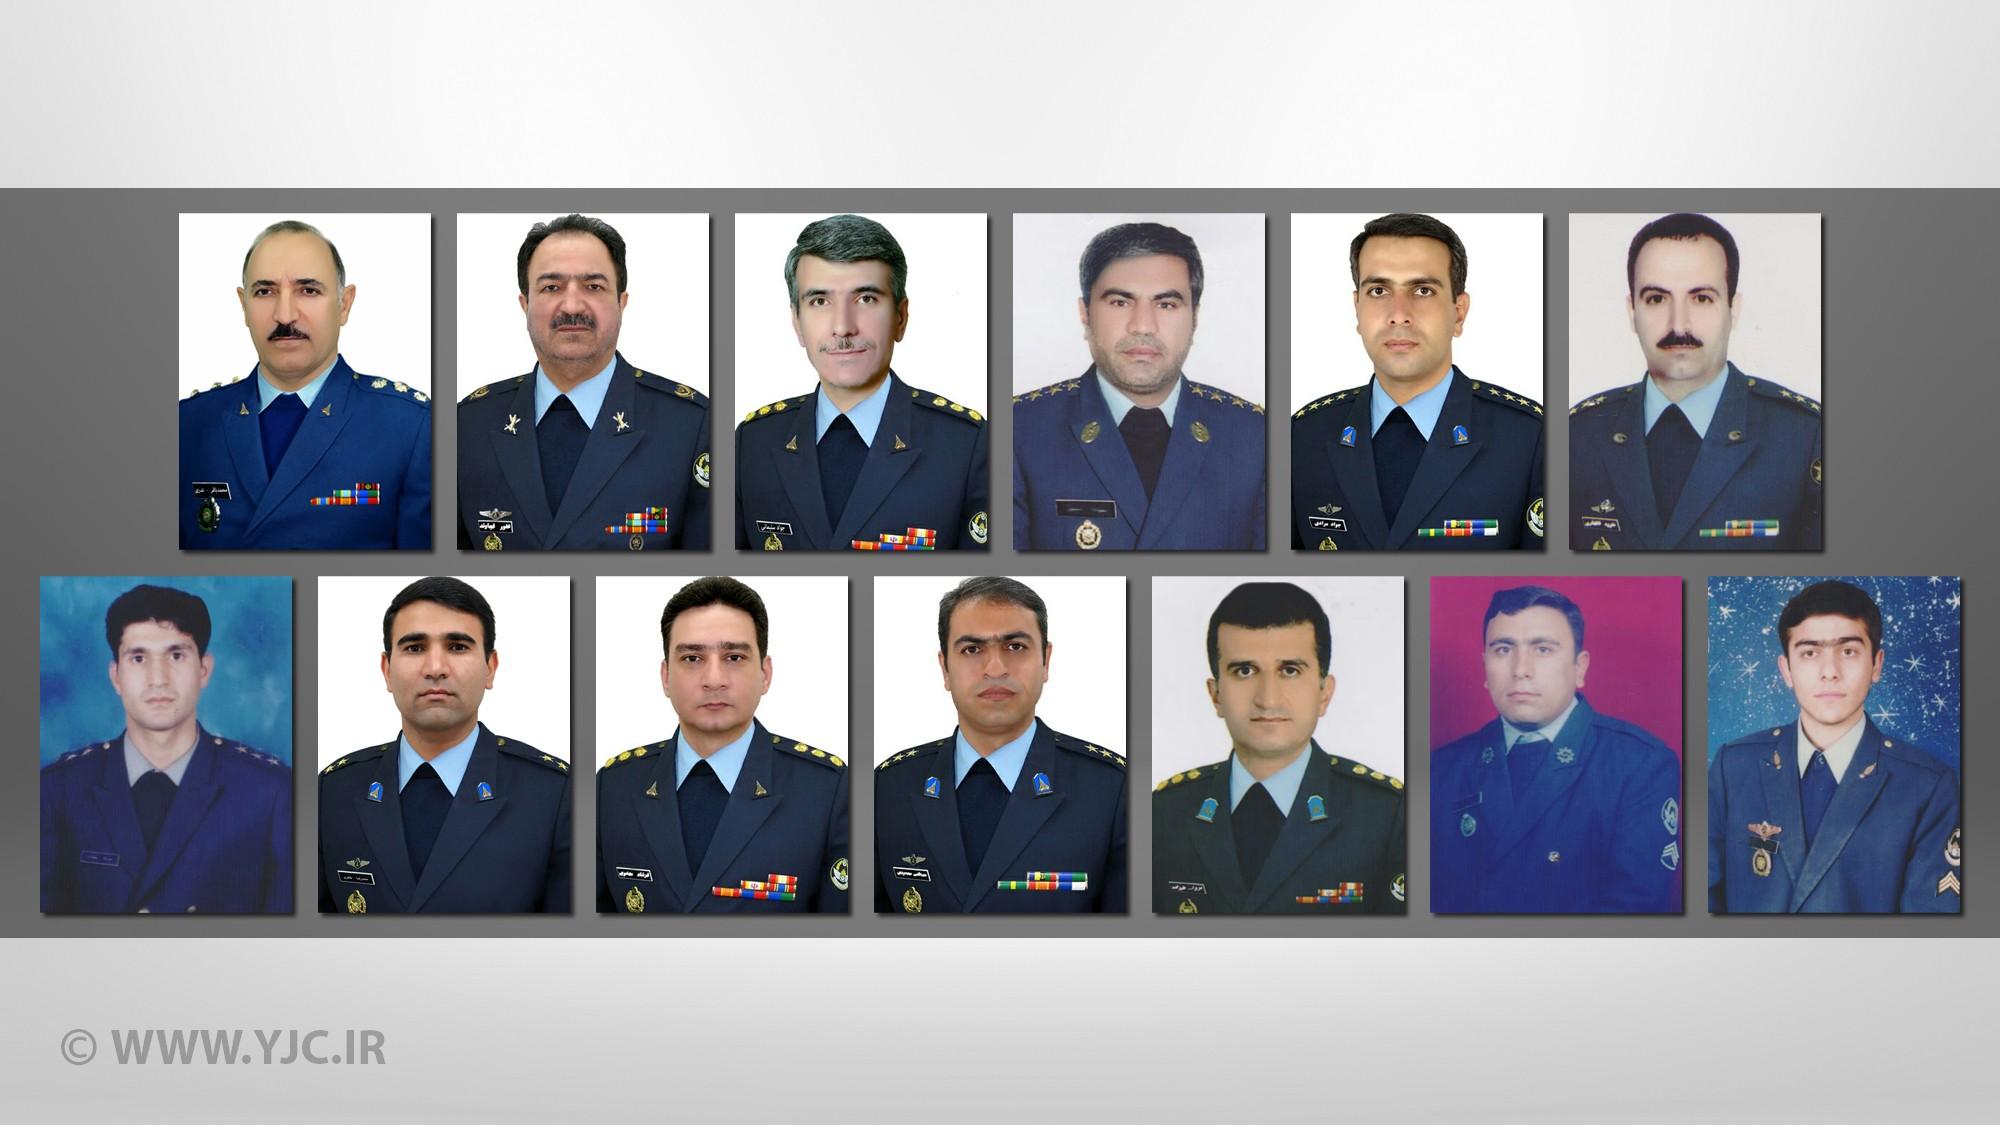 تصاویر جانباختگان ارتش سانحه هواپیمای بوئینگ ۷۰۷